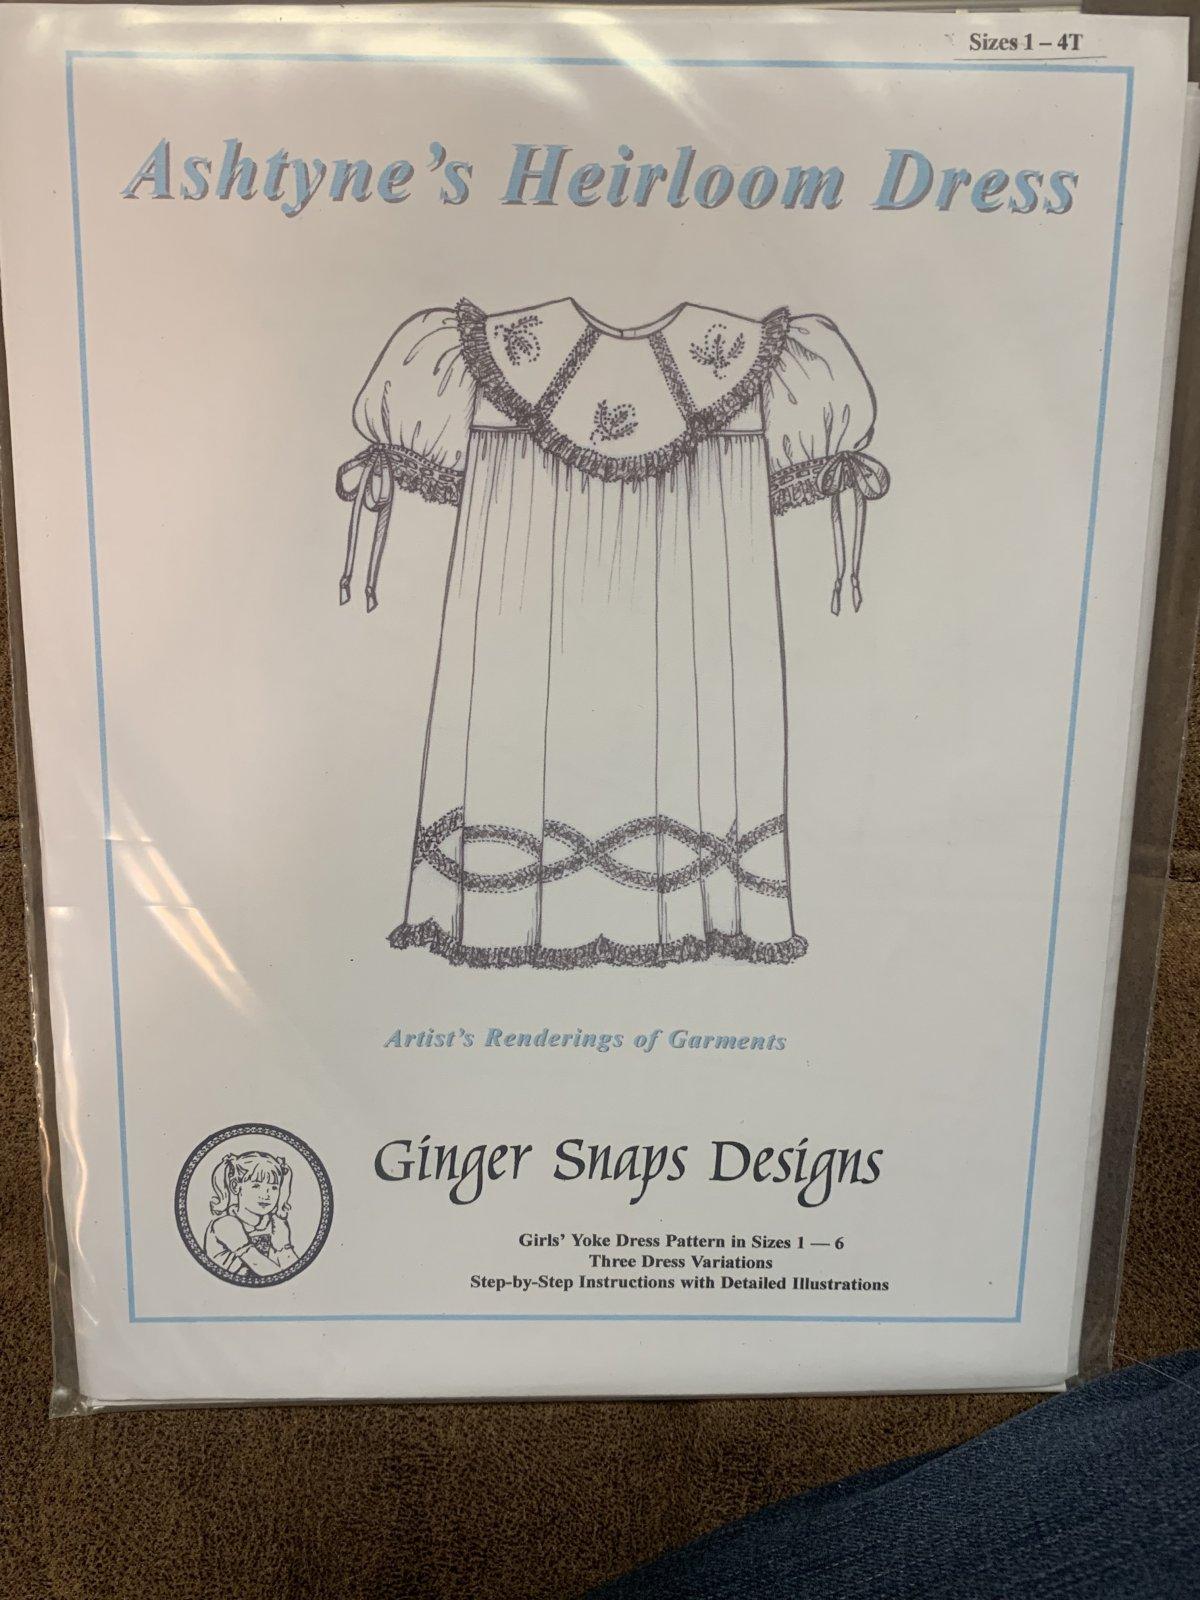 Ginger Snaps Designs Ashtyne's Dress